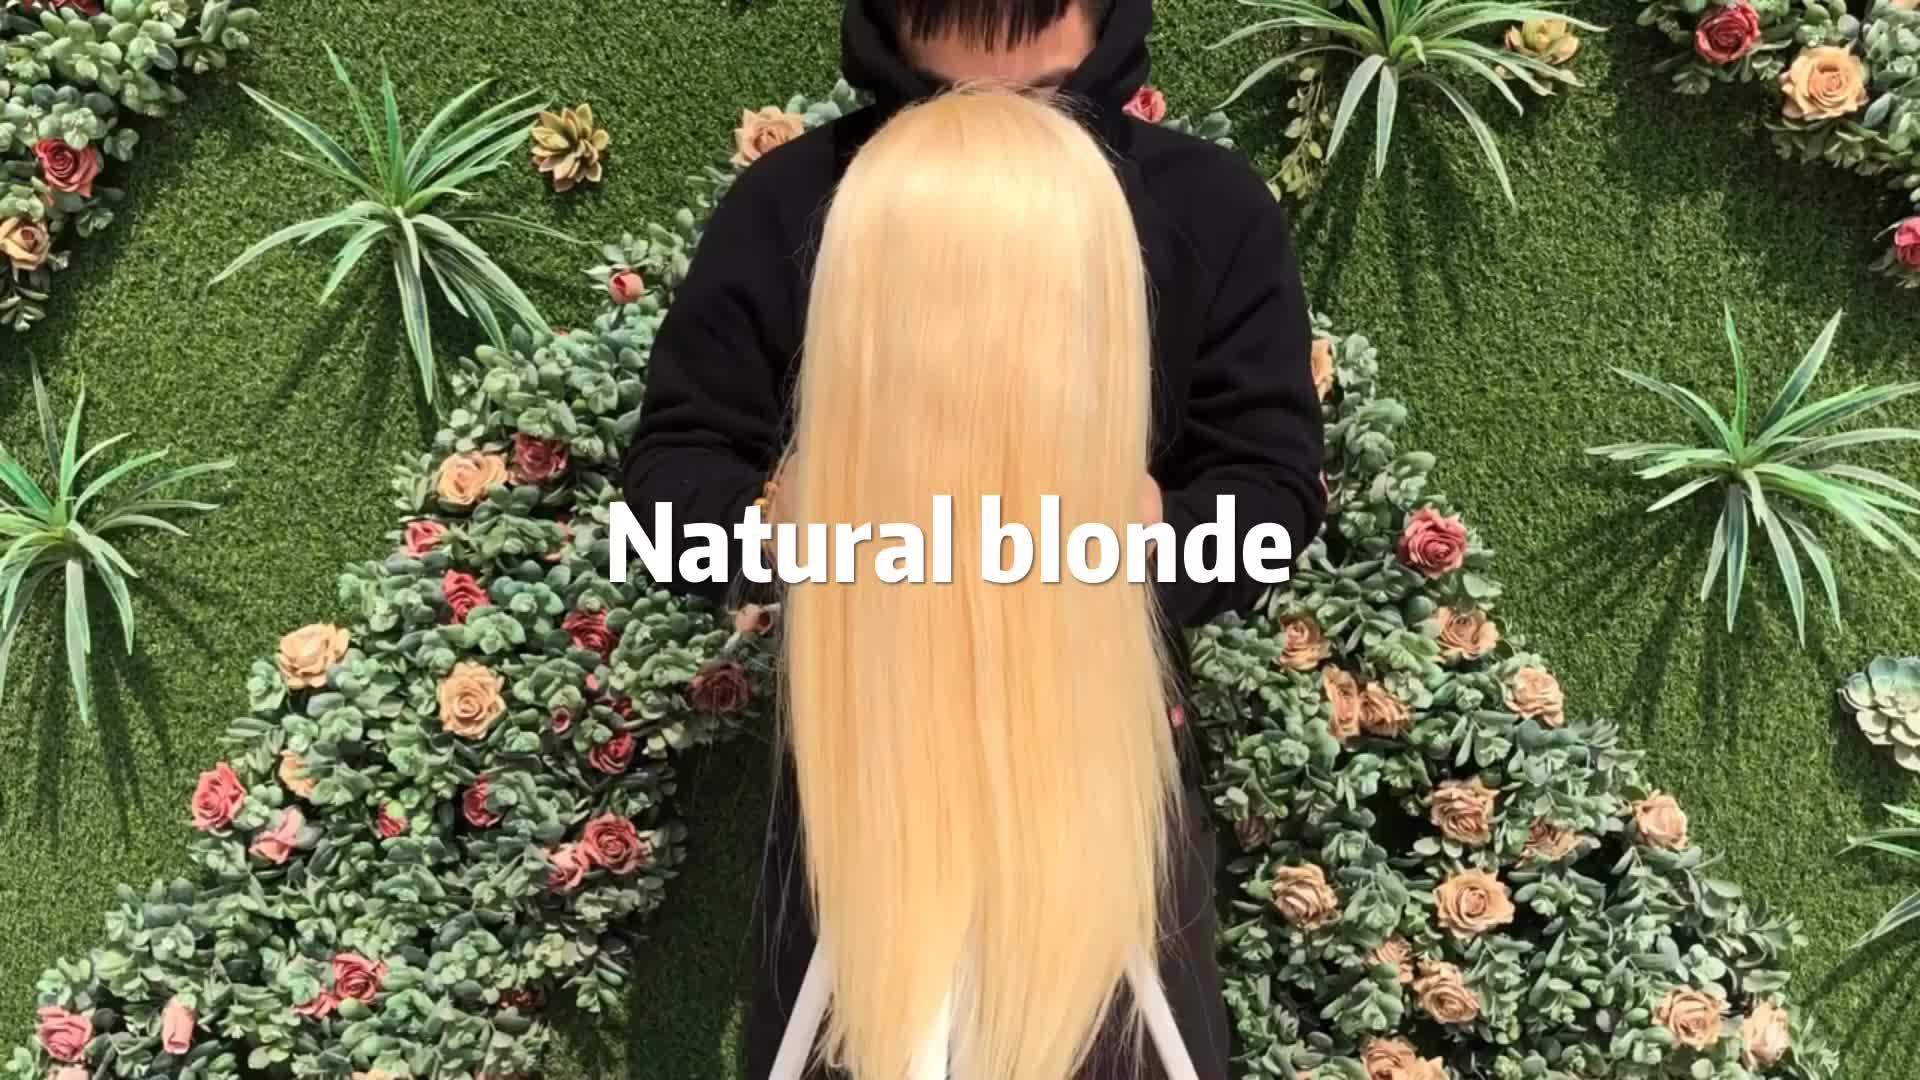 Perruque de cheveux humains XBL 613 pleine dentelle, perruque brésilienne 613 blonde pleine dentelle de cheveux humains, perruque de cheveux humains 40 pouces 613 vierge de cheveux humains pleine dentelle